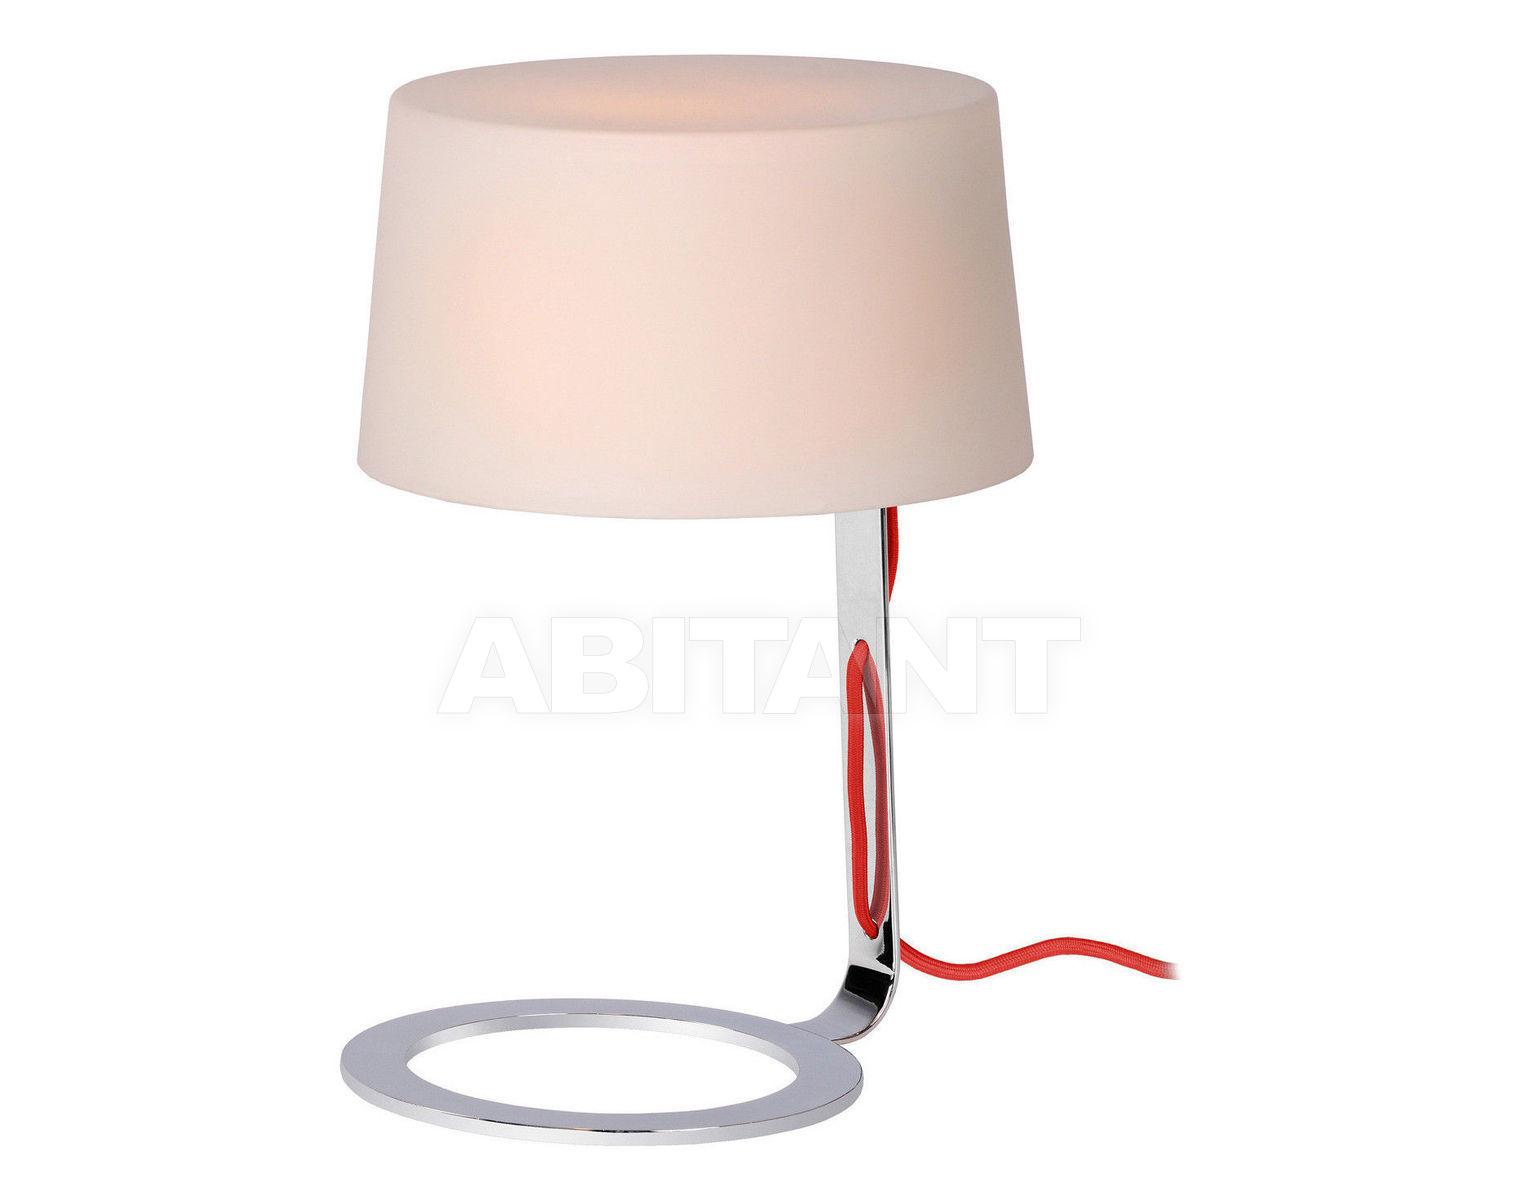 Купить Лампа настольная AIKO Lucide  Floor & Table Lamps 70568/24/61